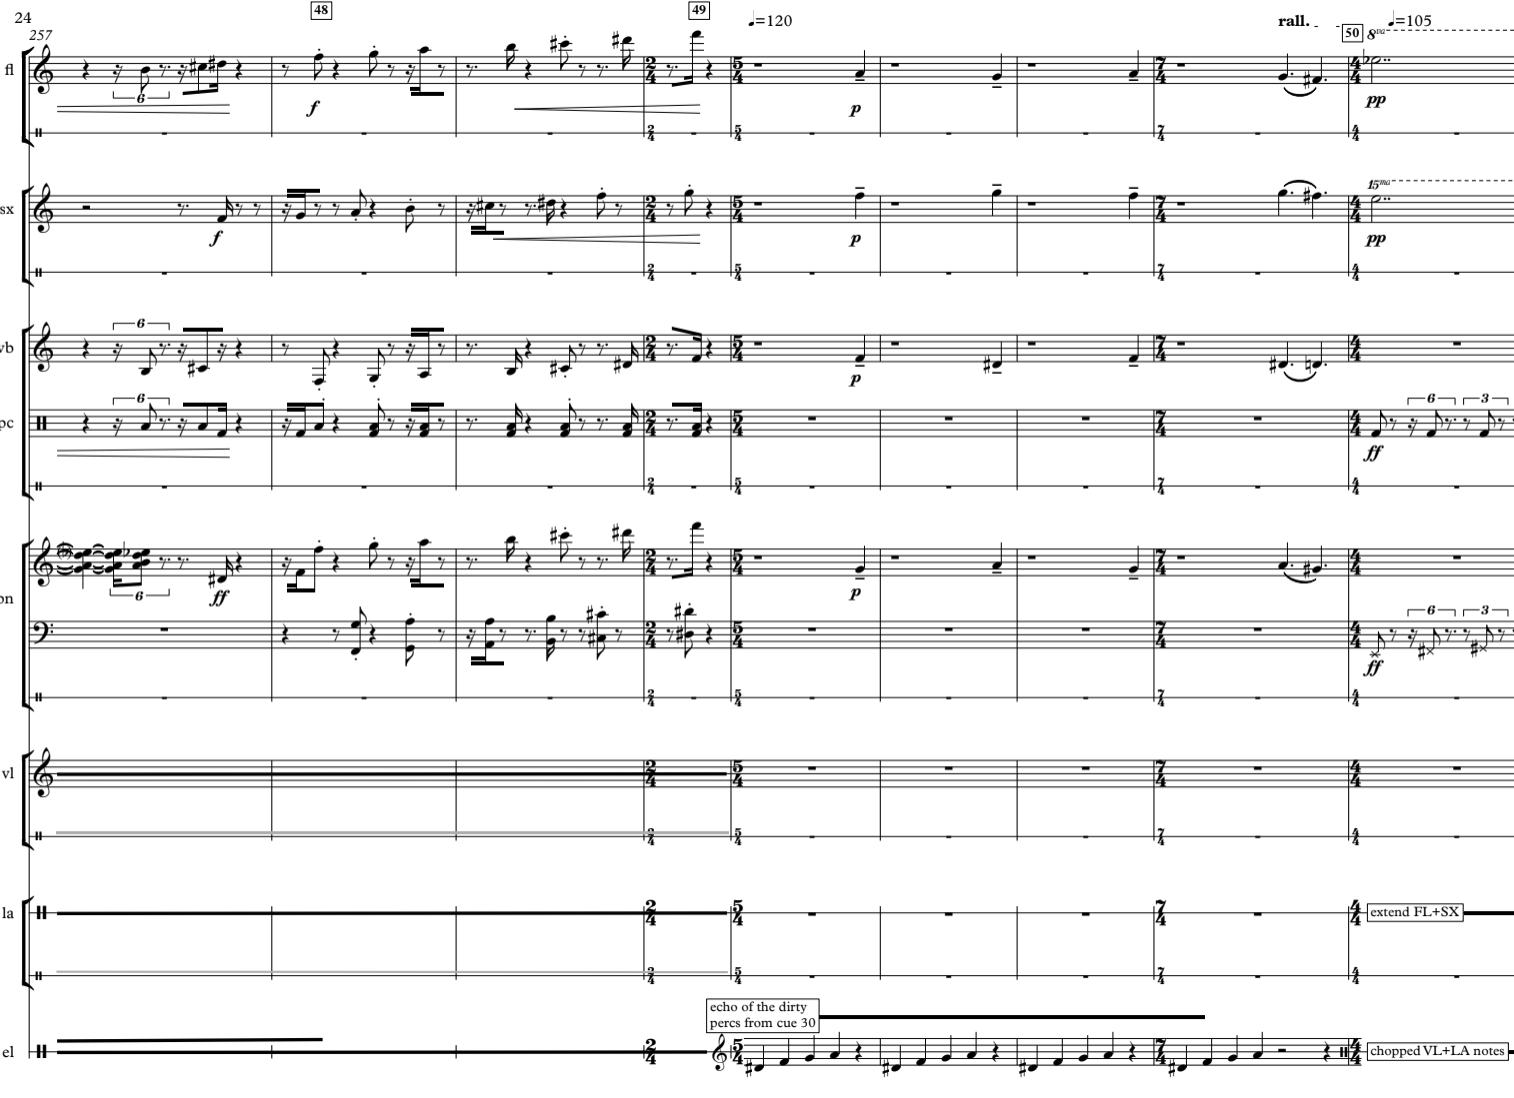 (un)weave score excerpt